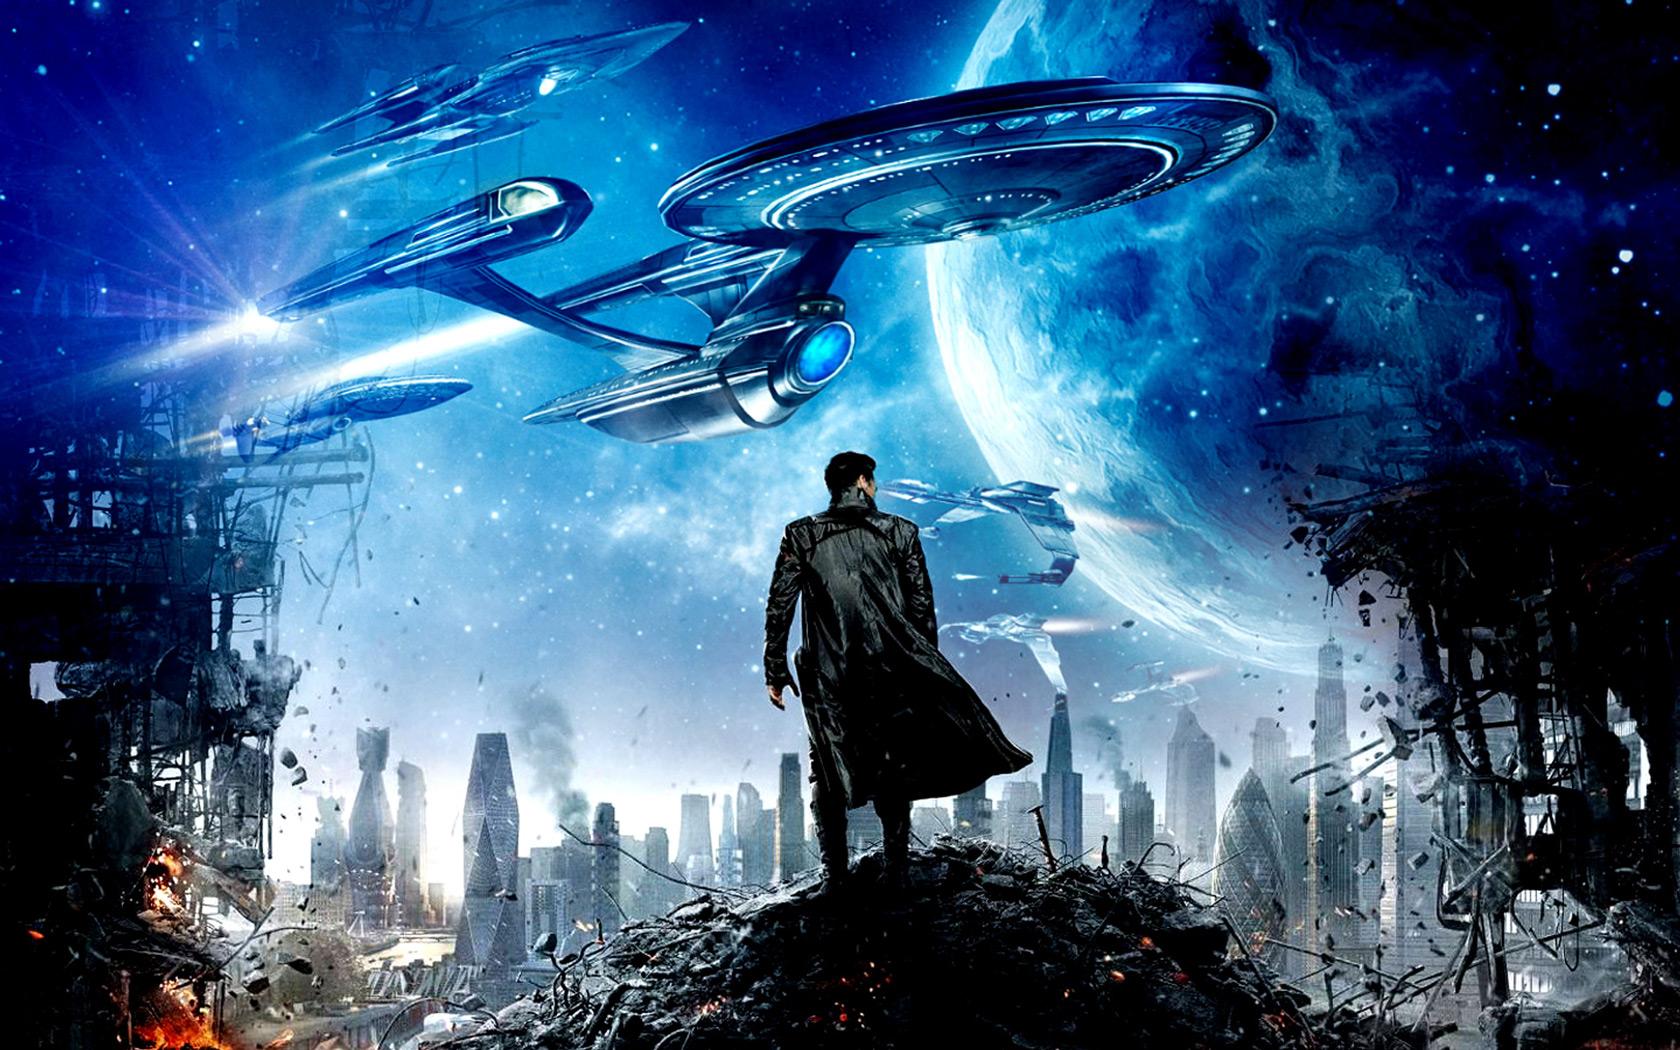 Star Trek Into Darkness Movie computer desktop wallpapers 1680x1050